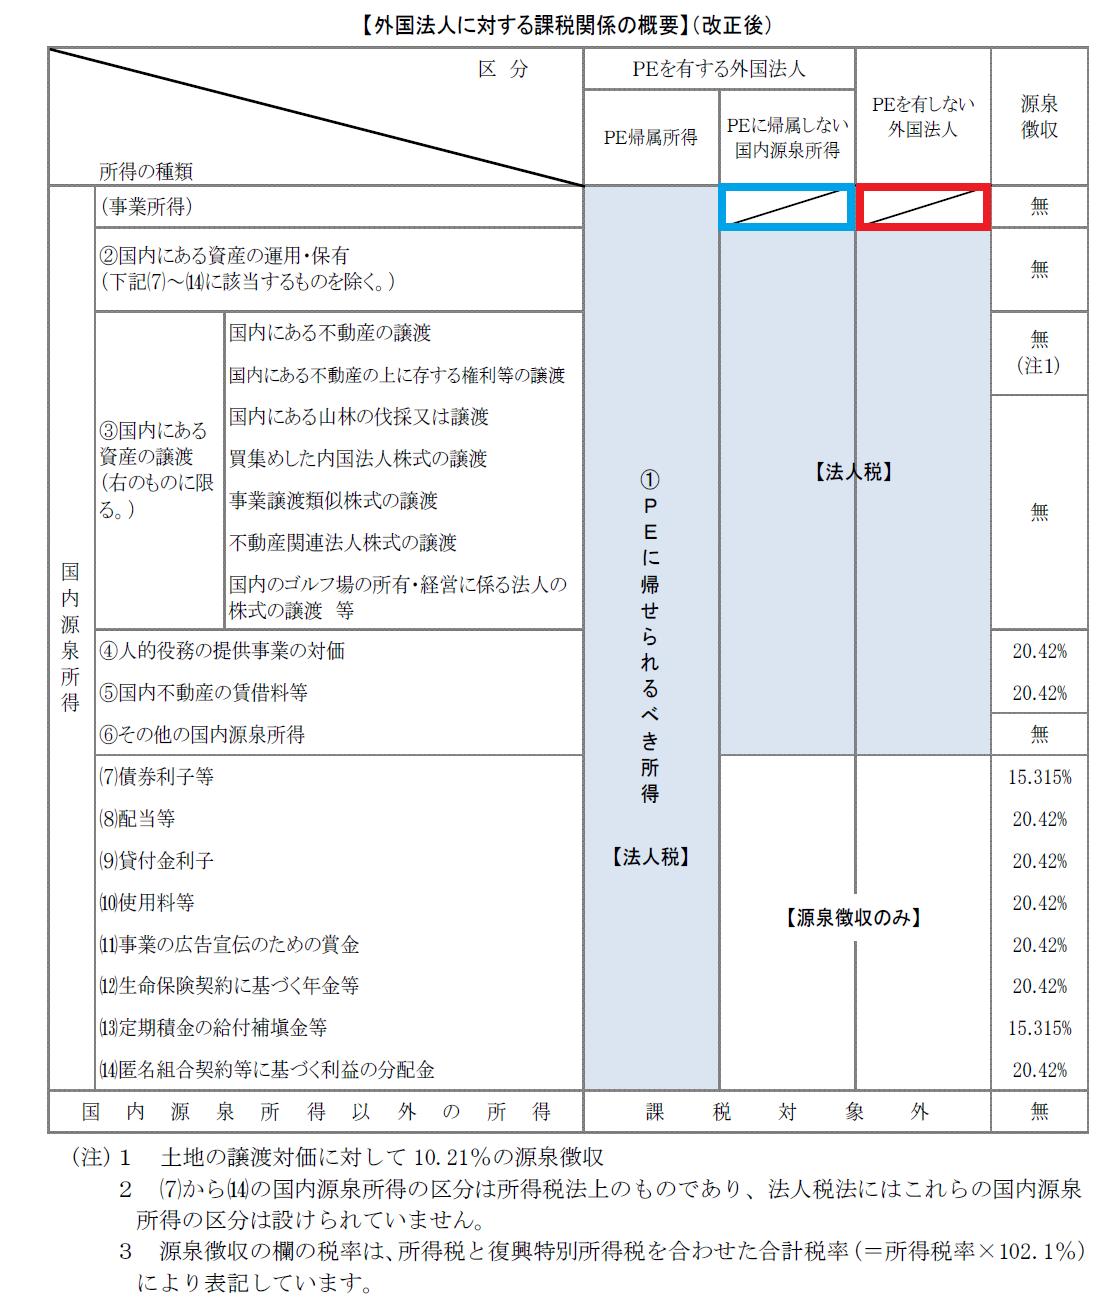 %e5%a4%96%e5%9b%bd%e6%b3%95%e4%ba%ba%e3%81%ab%e5%af%be%e3%81%99%e3%82%8b%e8%aa%b2%e7%a8%8e%e9%96%a2%e4%bf%82%e3%81%ae%e6%a6%82%e8%a6%81%ef%bc%88%e6%94%b9%e6%ad%a3%e5%be%8c%ef%bc%89